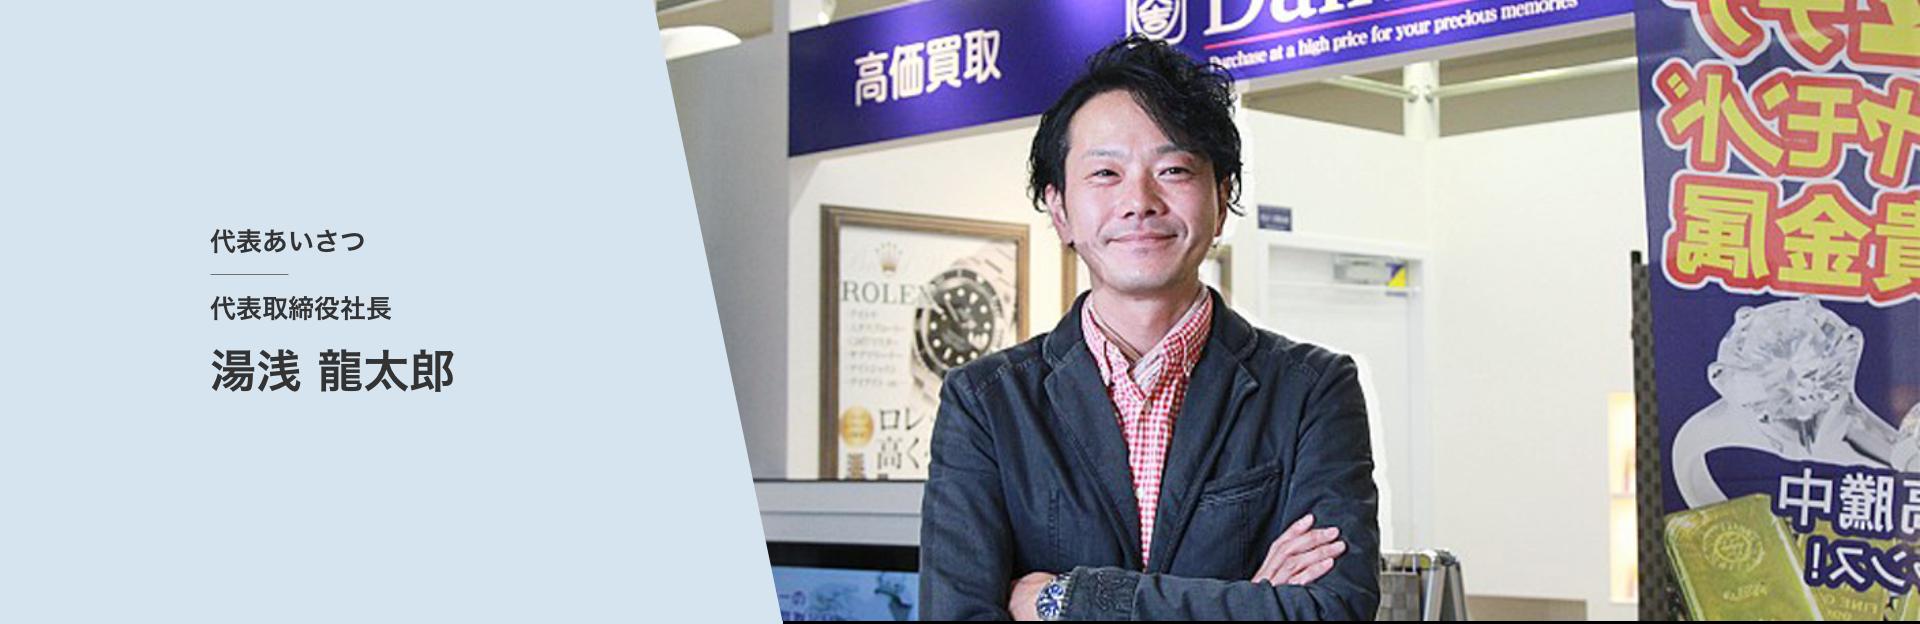 代表あいさつ:代表取締役社長:湯浅 龍太郎